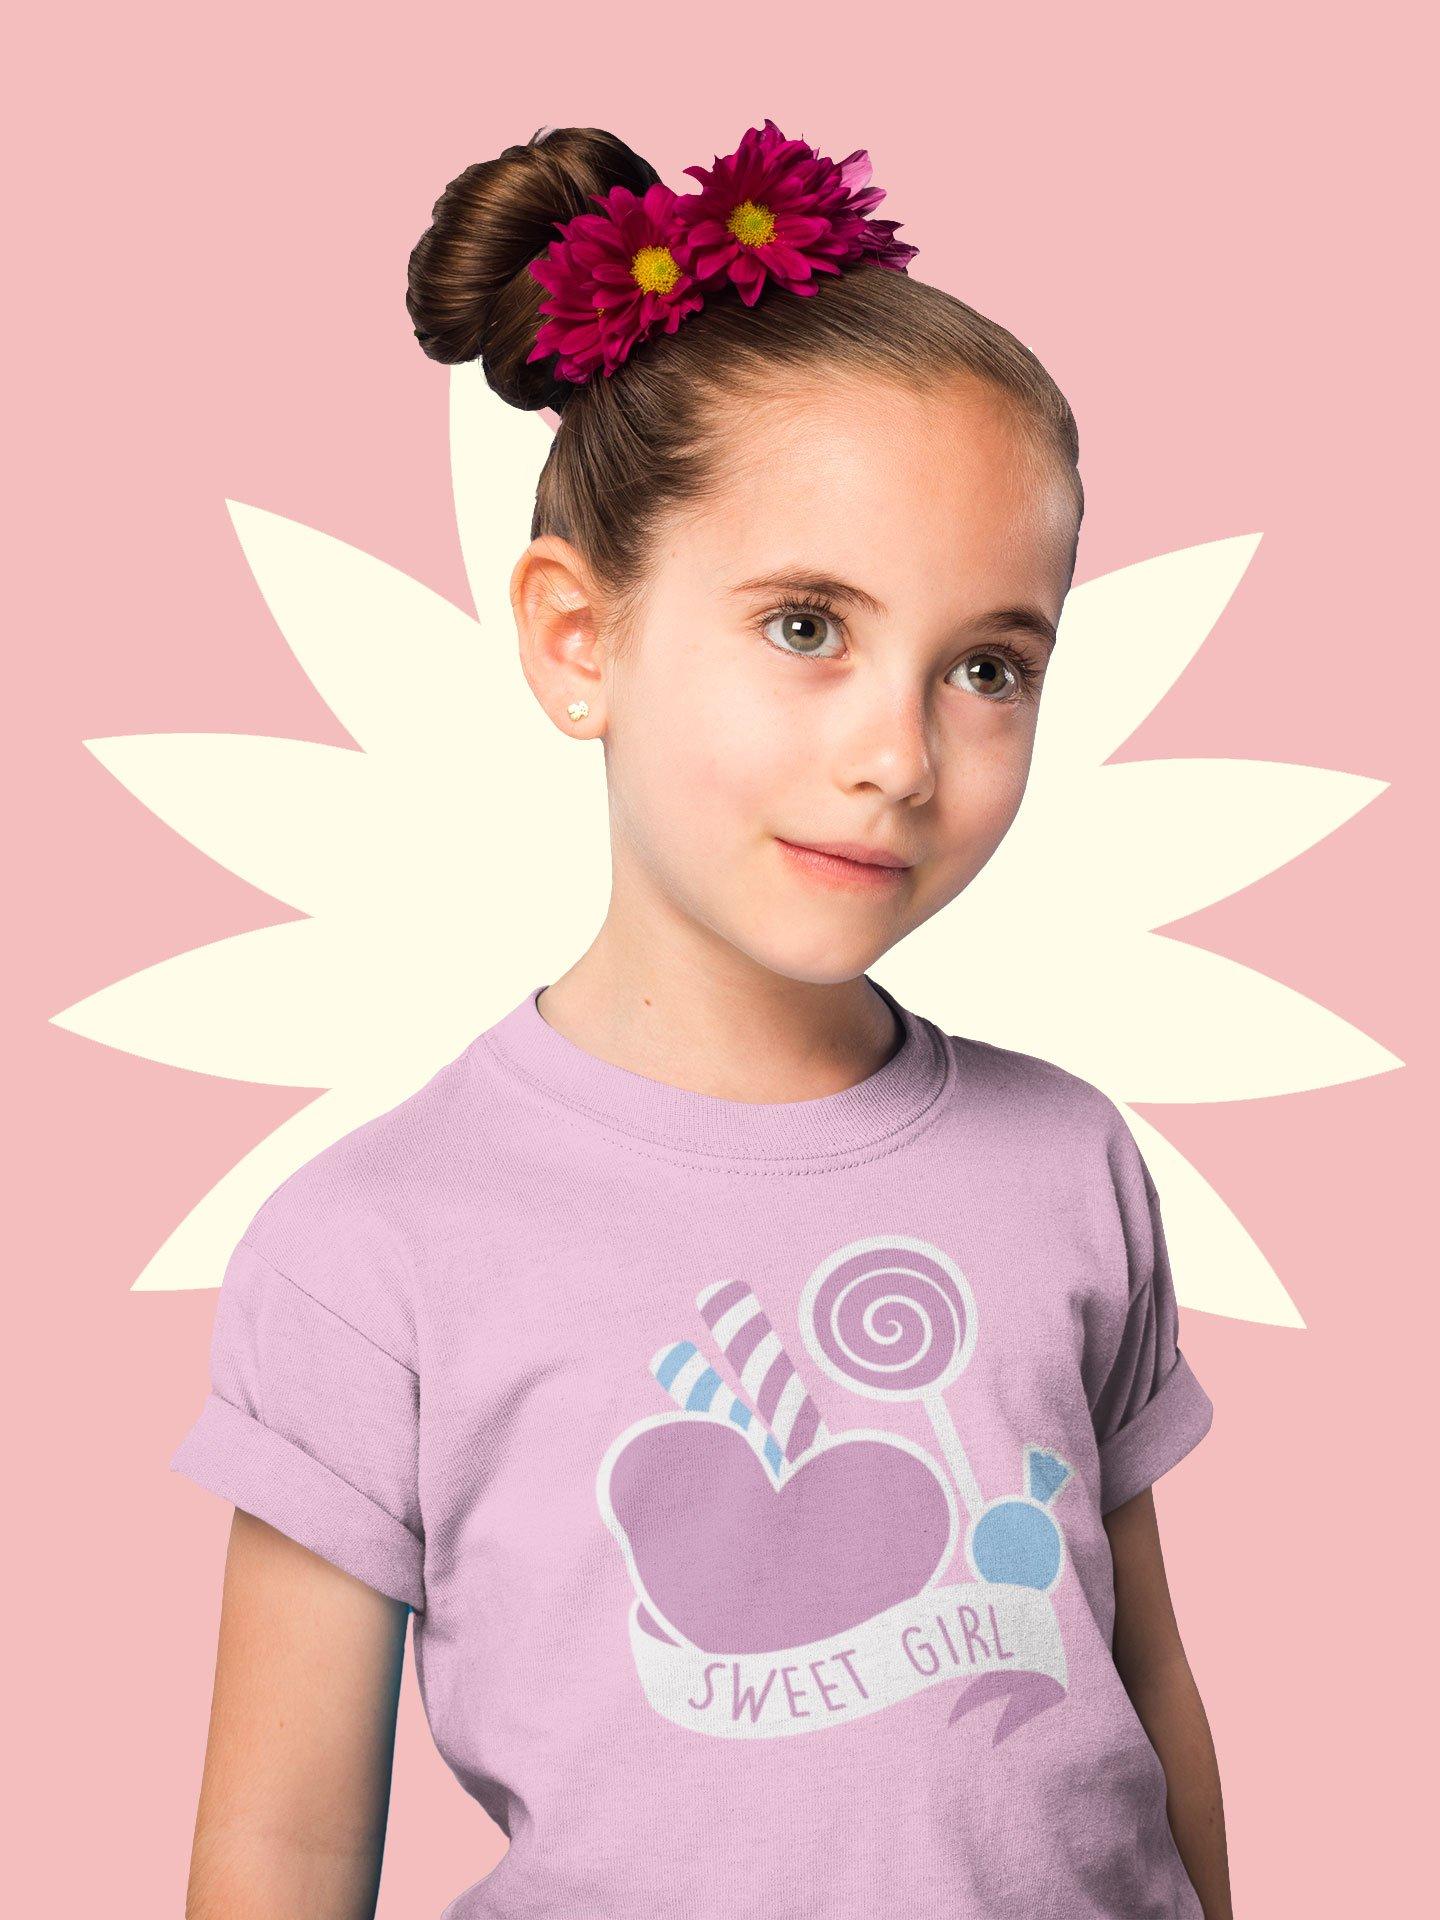 Sweet Girl design Tees for girls